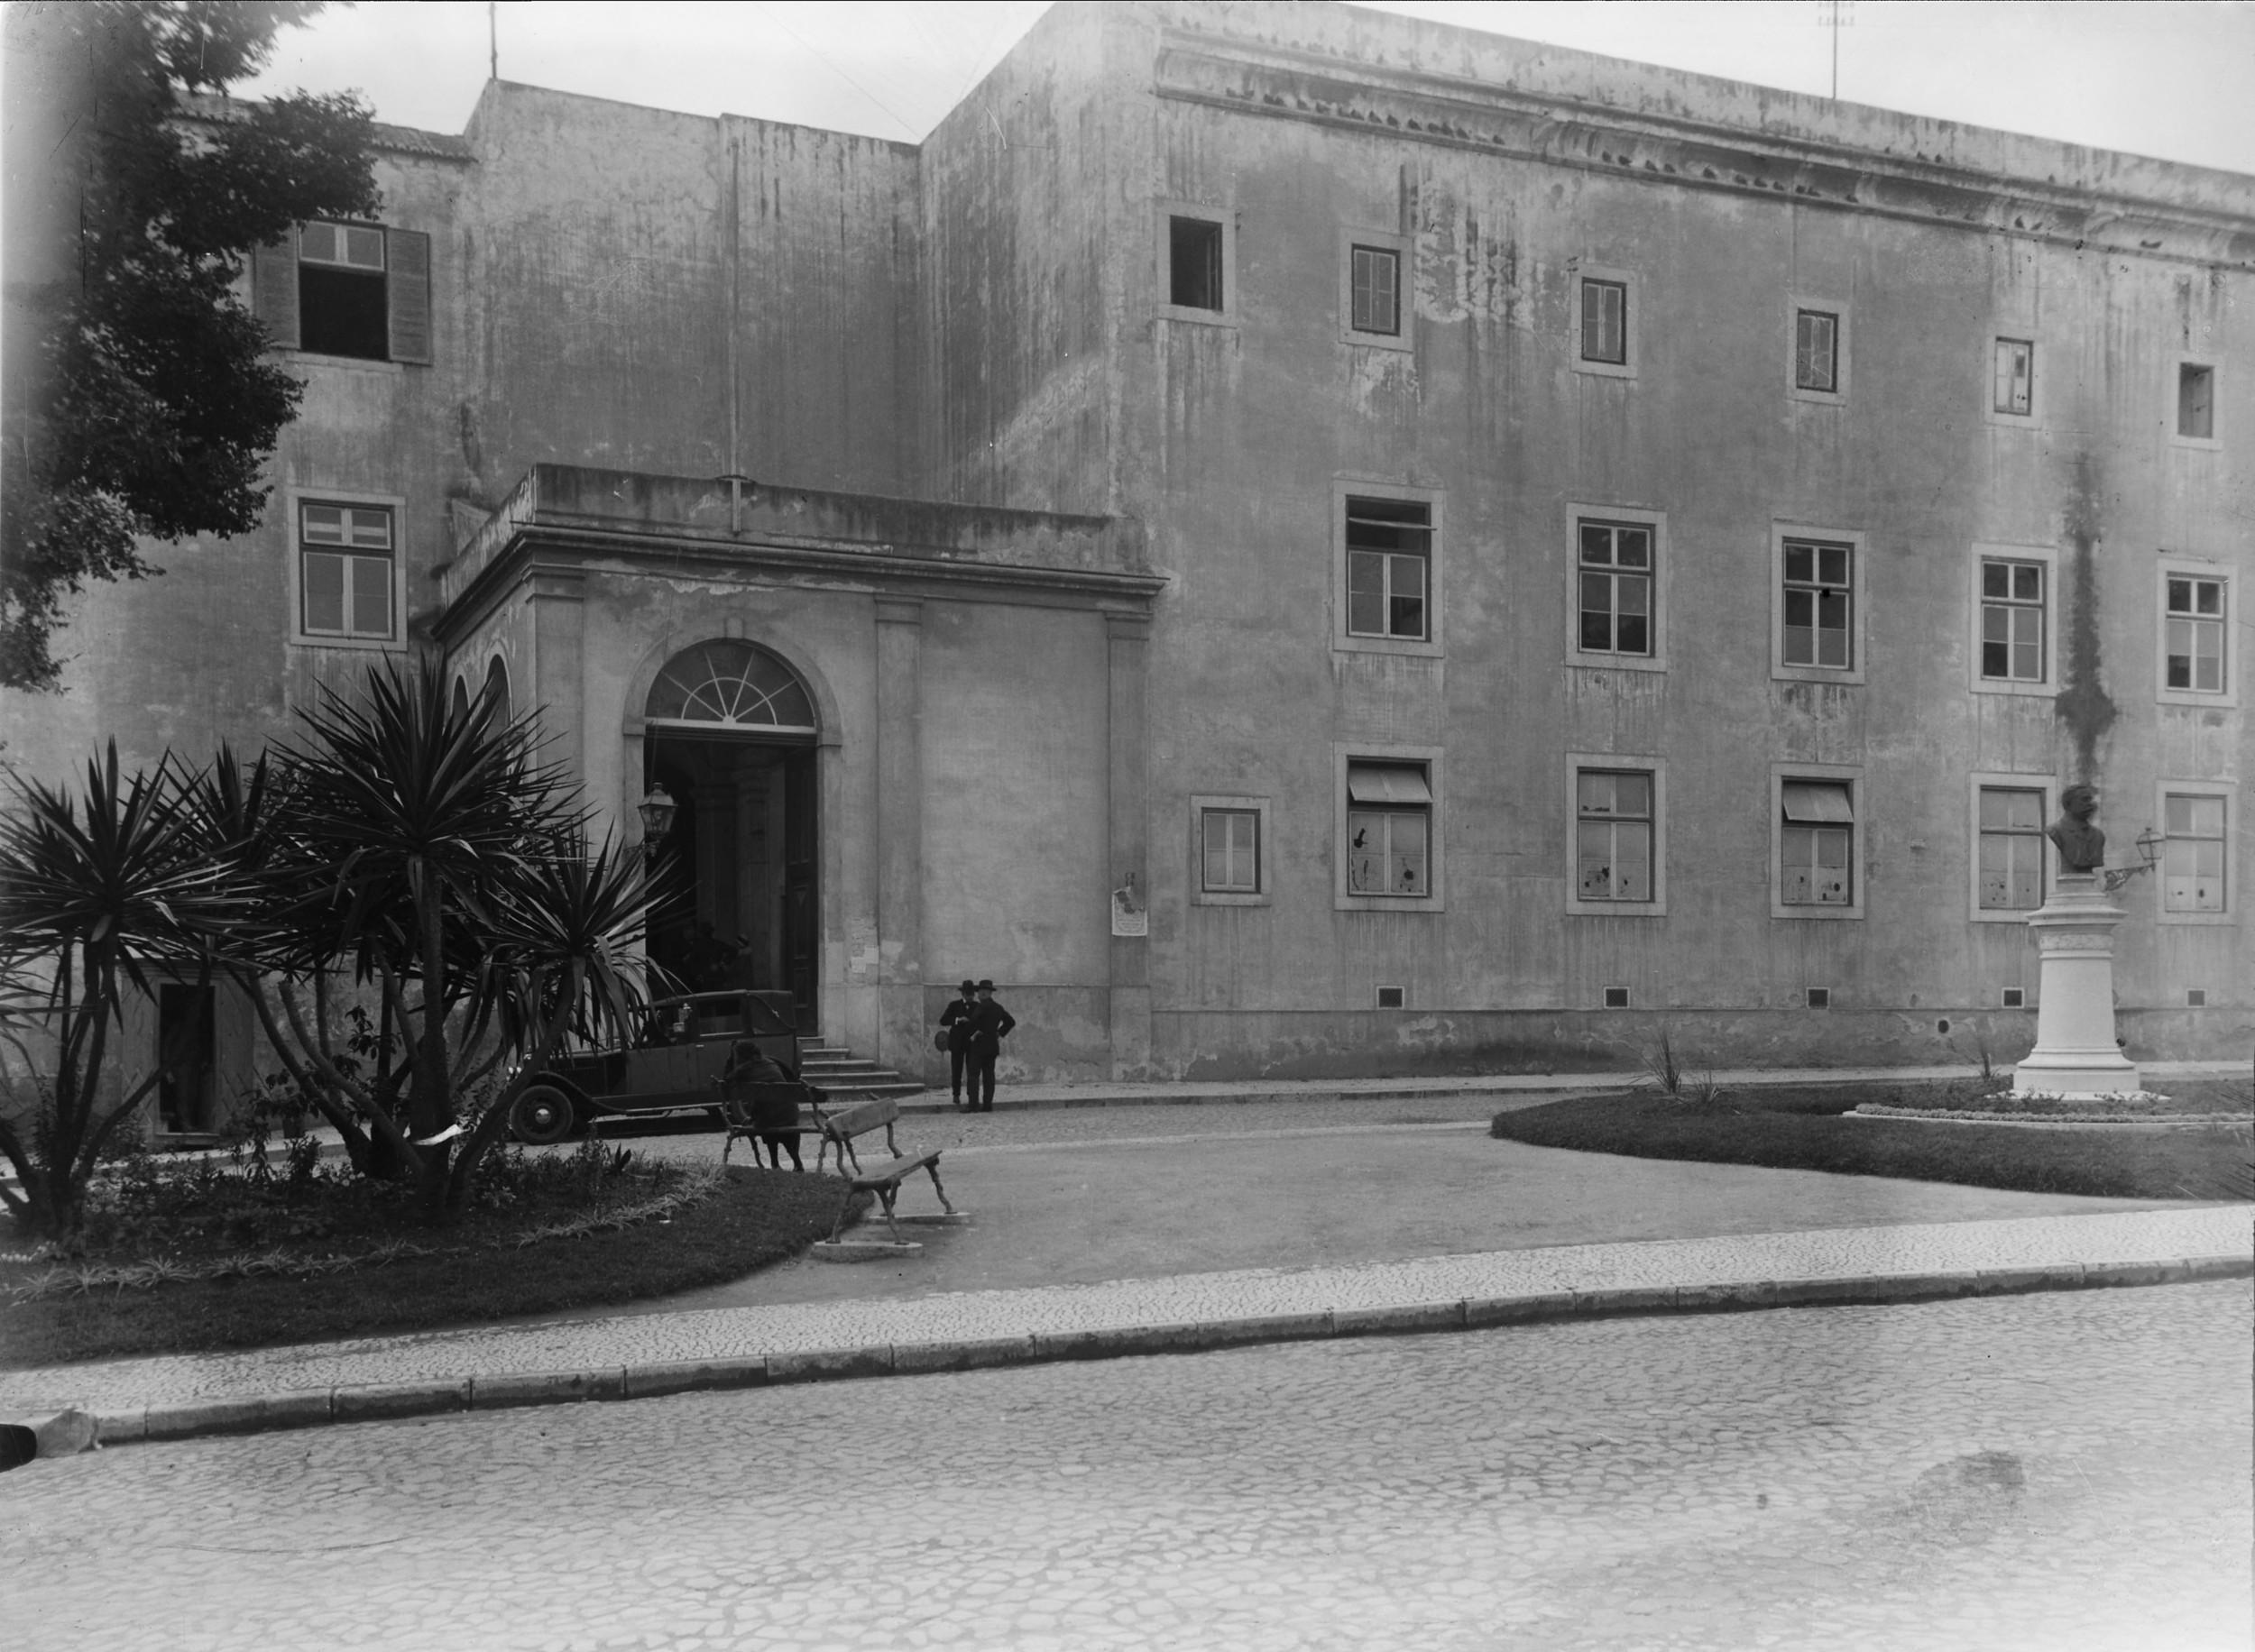 Instituto Superior Técnico, Lisbon  Photo: Mário Novais, ca. 1936-37, Lisbon  Biblioteca de Arte da Fundação Calouste Gulbenkian [CFT003_051861]